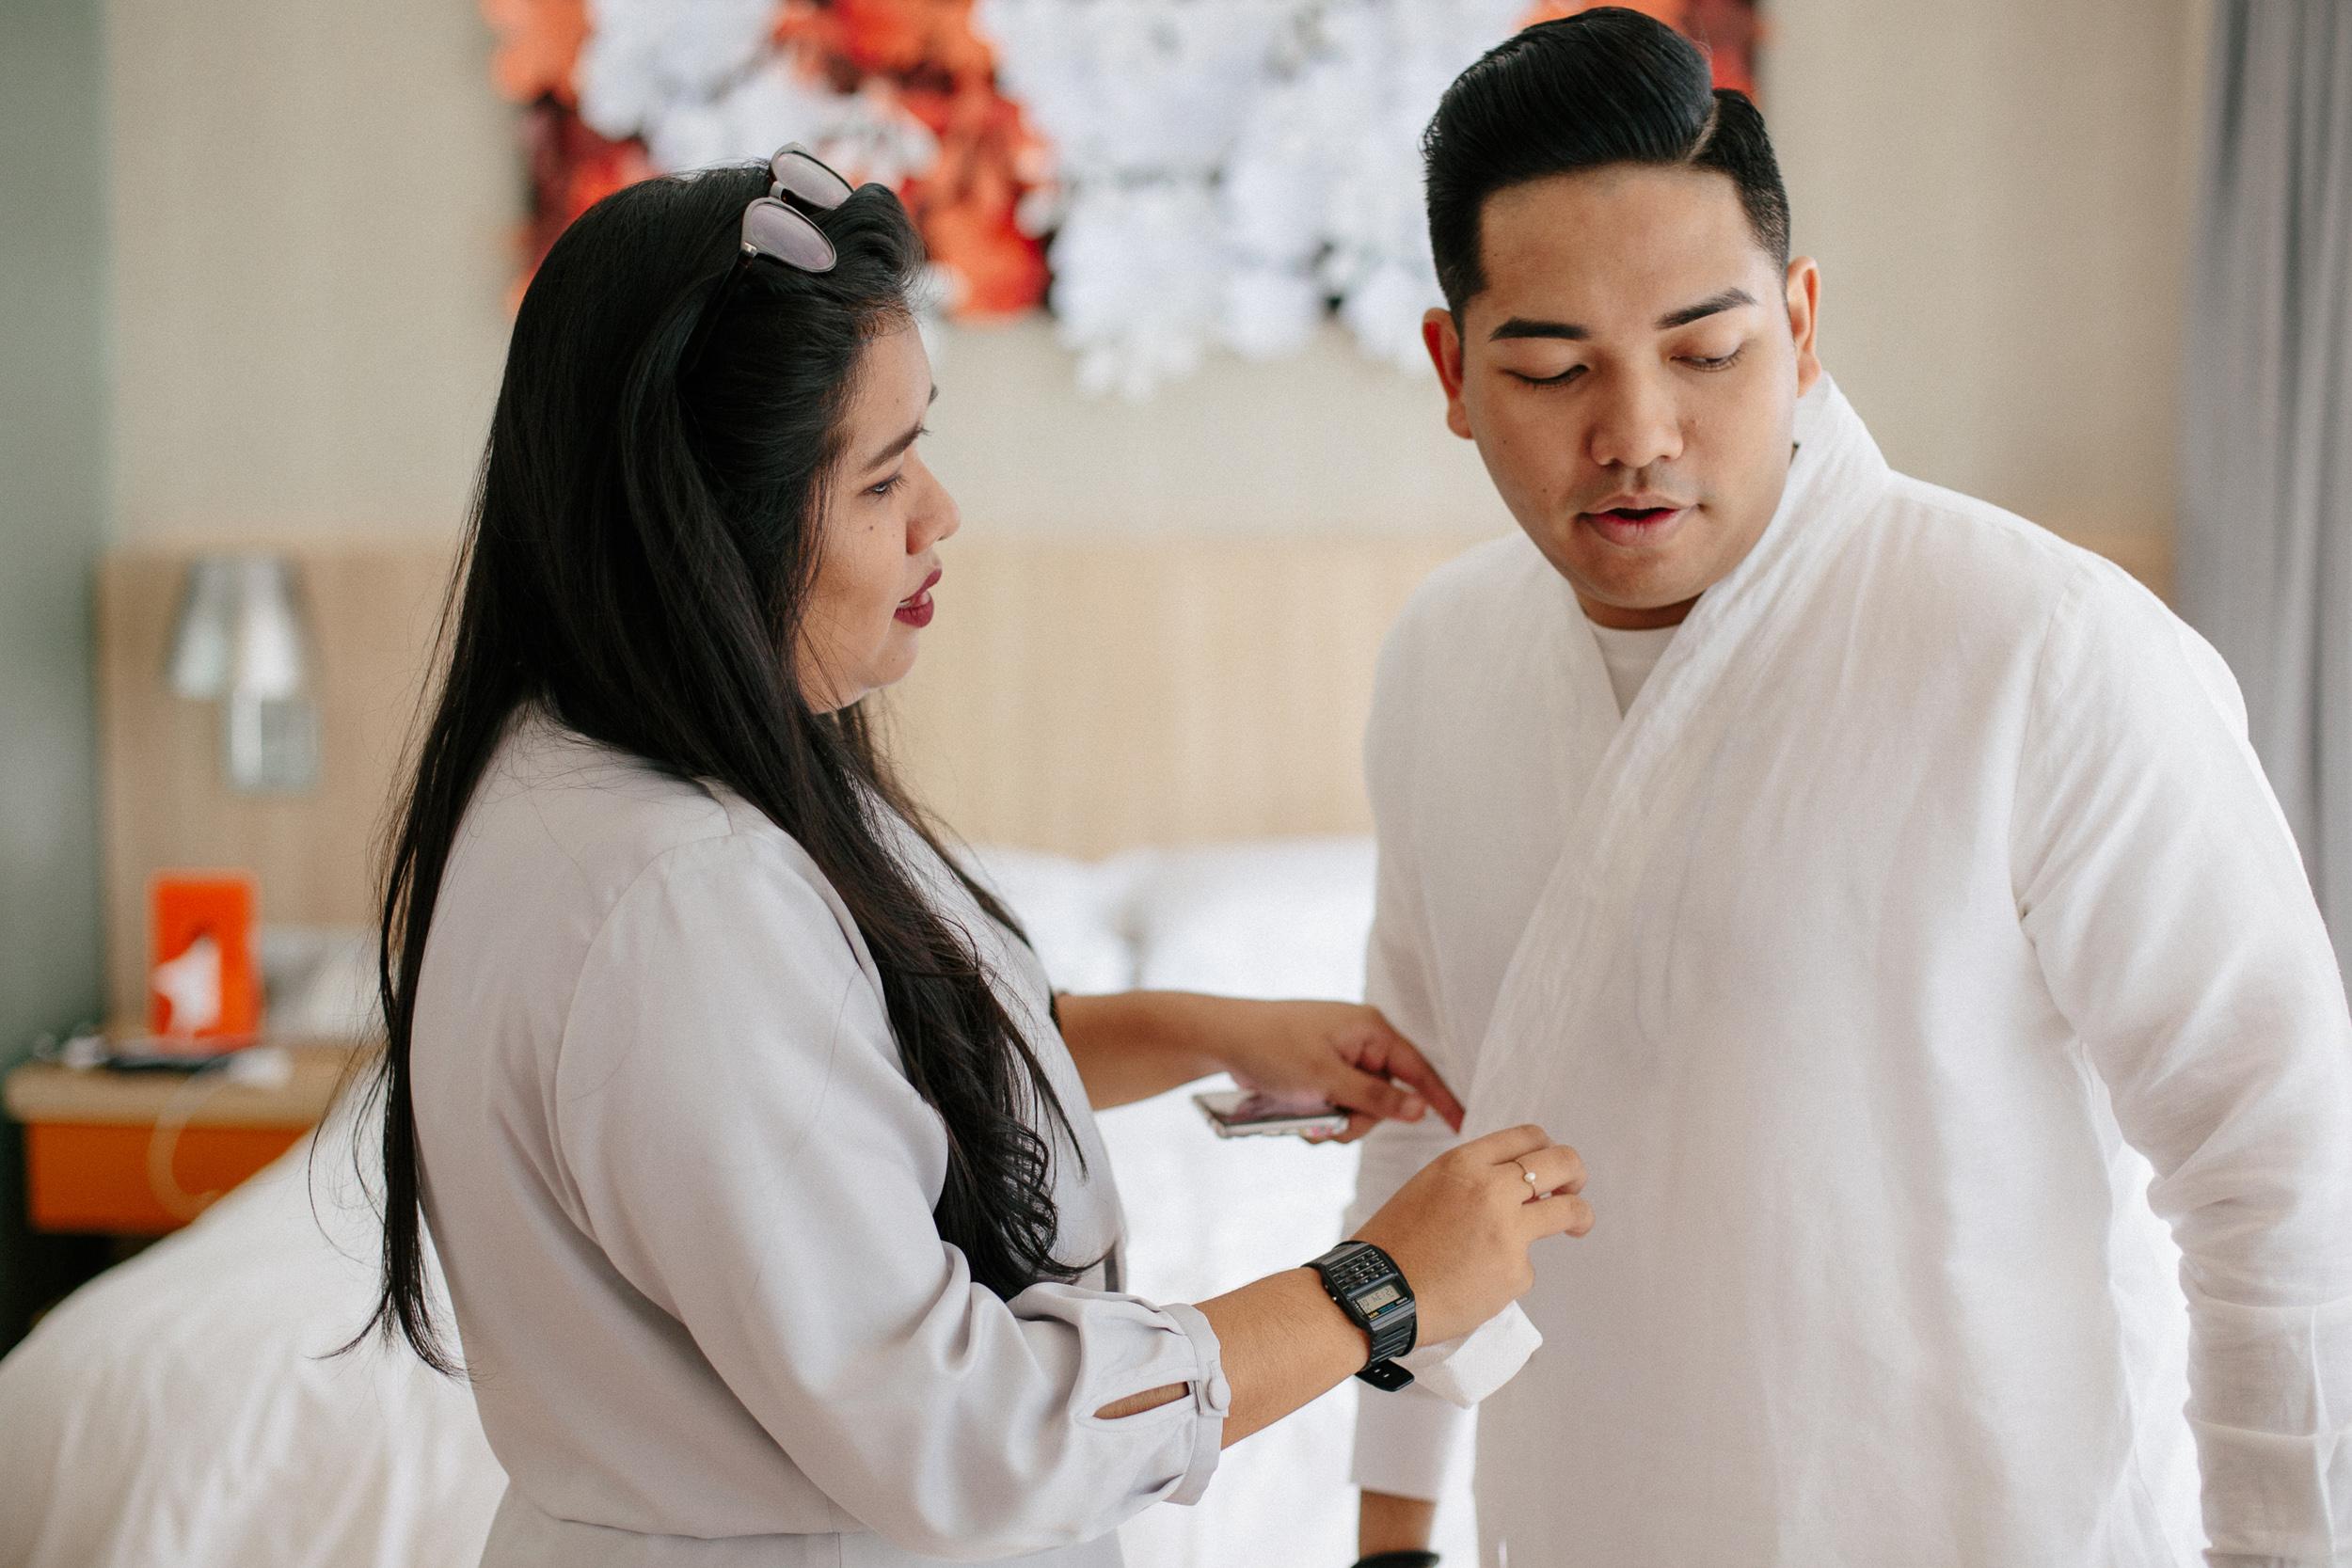 singapore-wedding-photographer-wemadethese-05.jpg